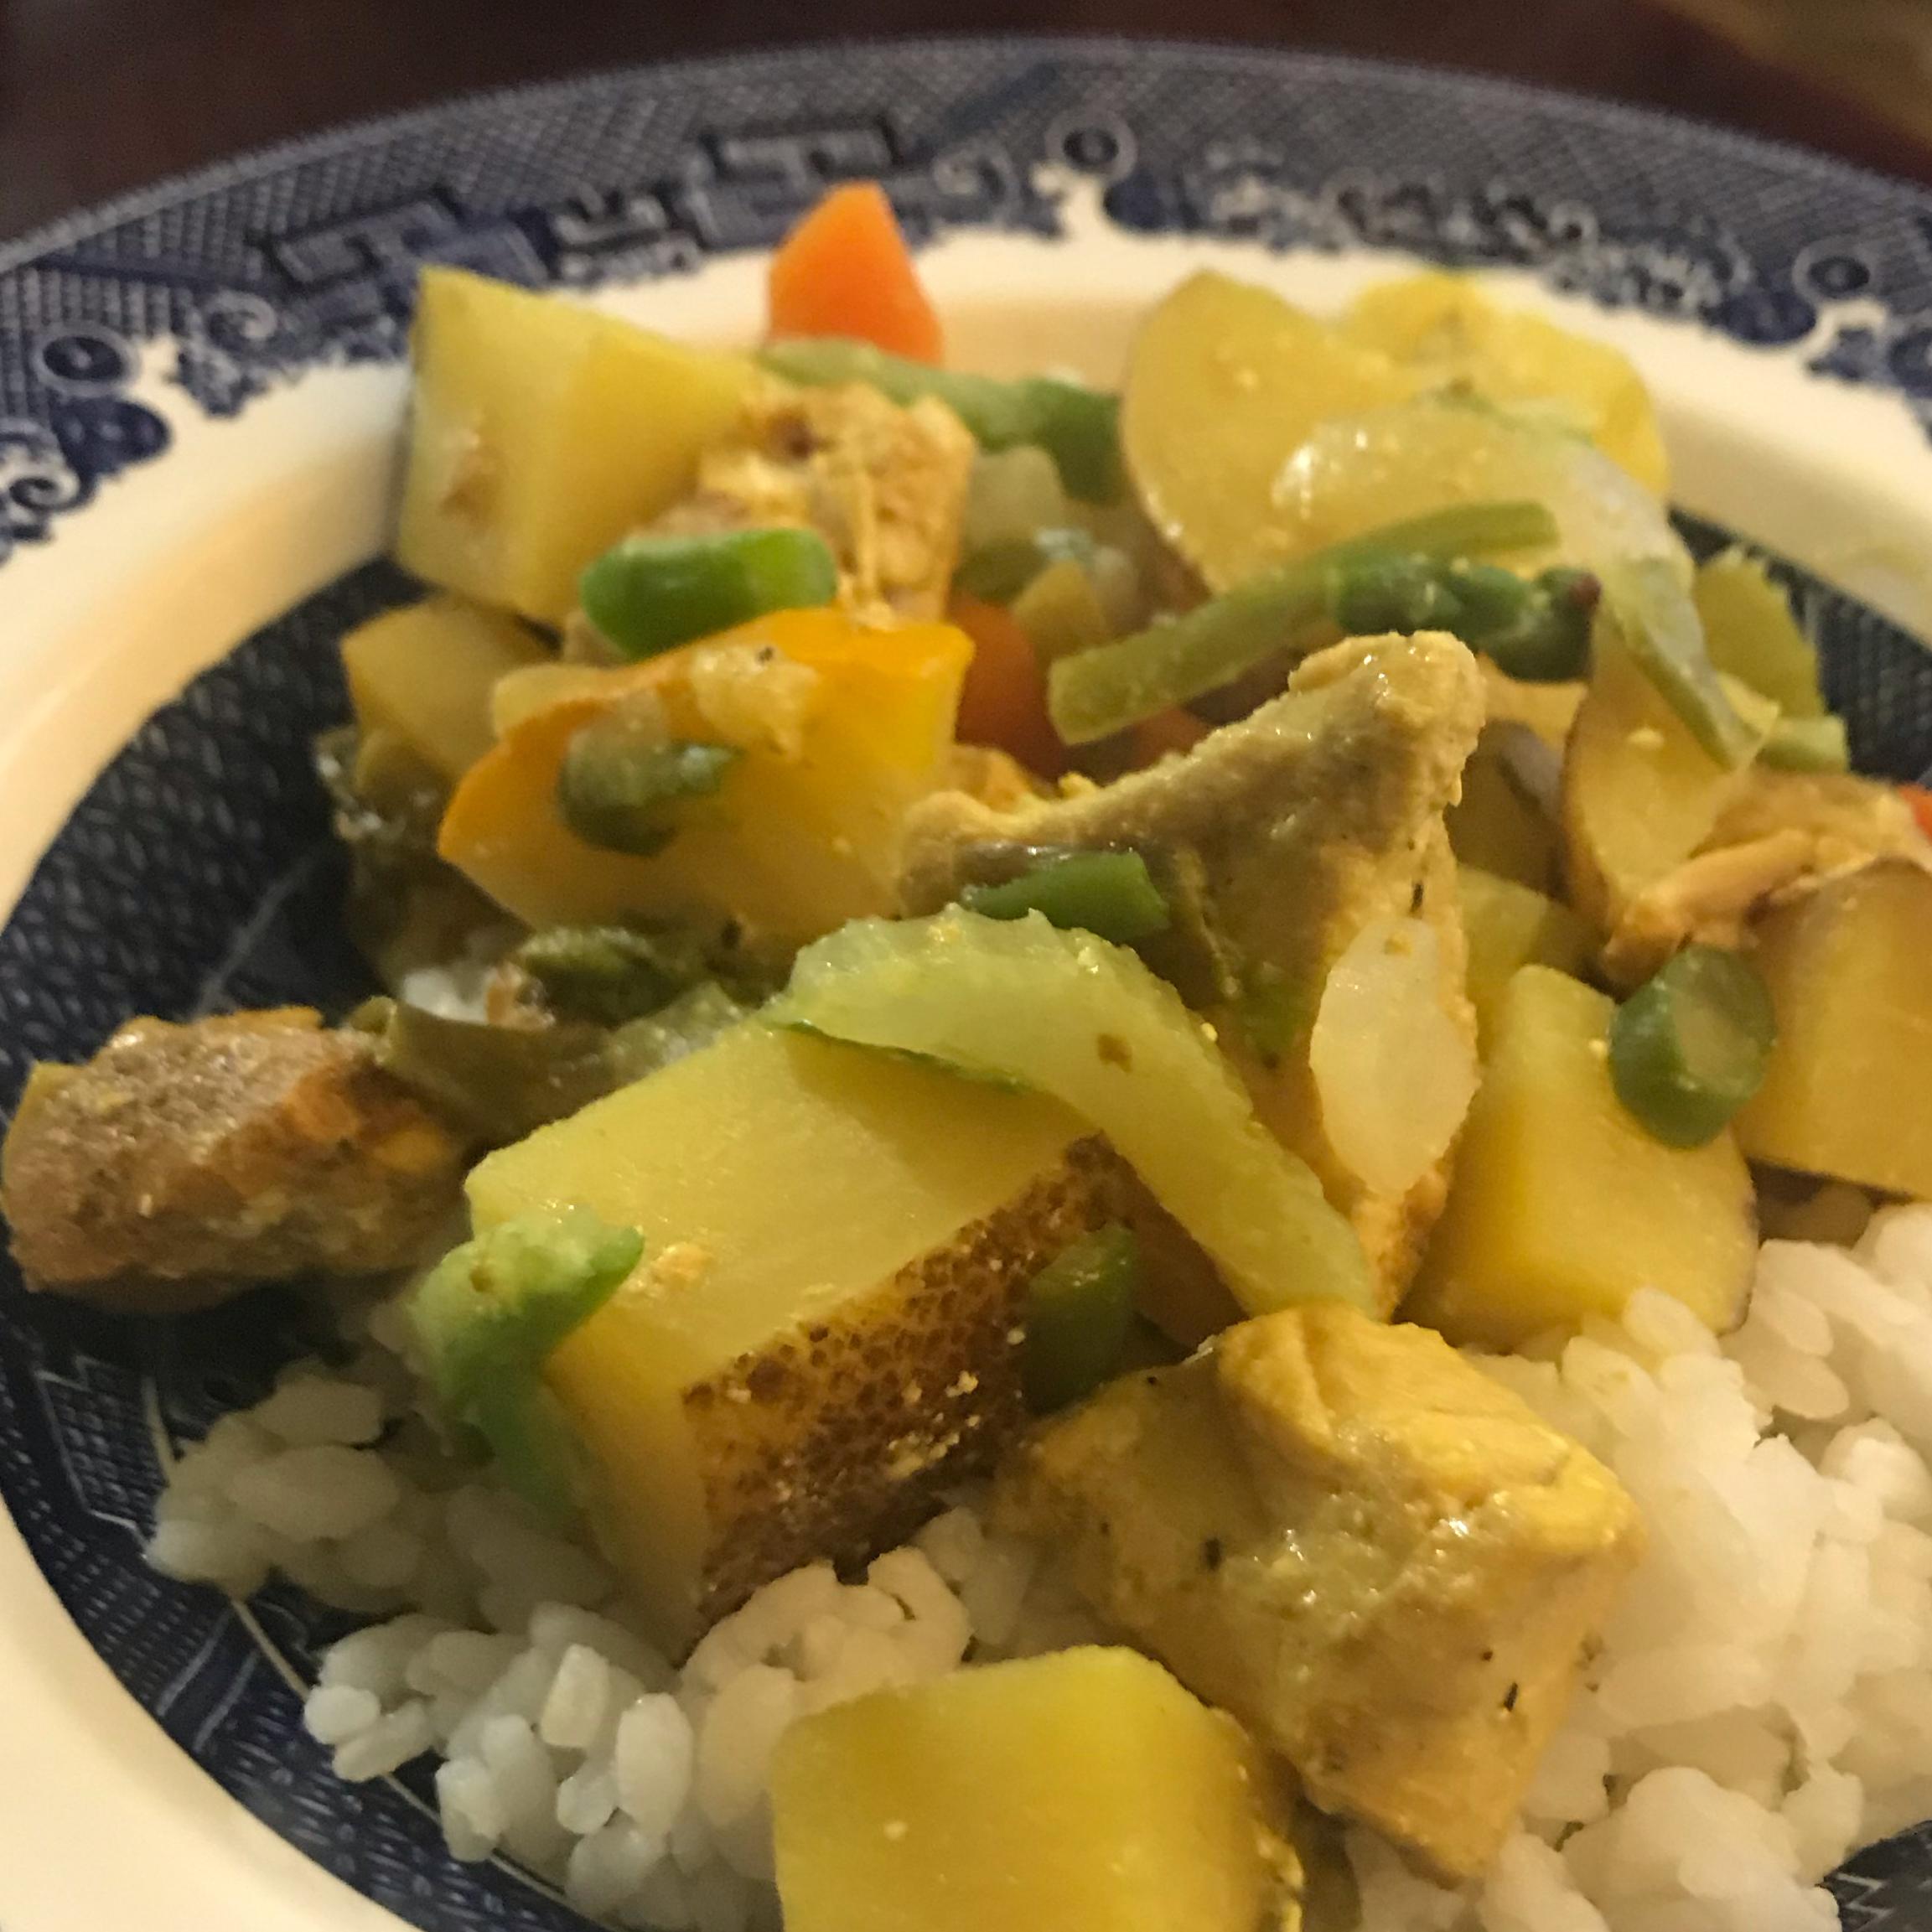 chicken claridge stew recipe